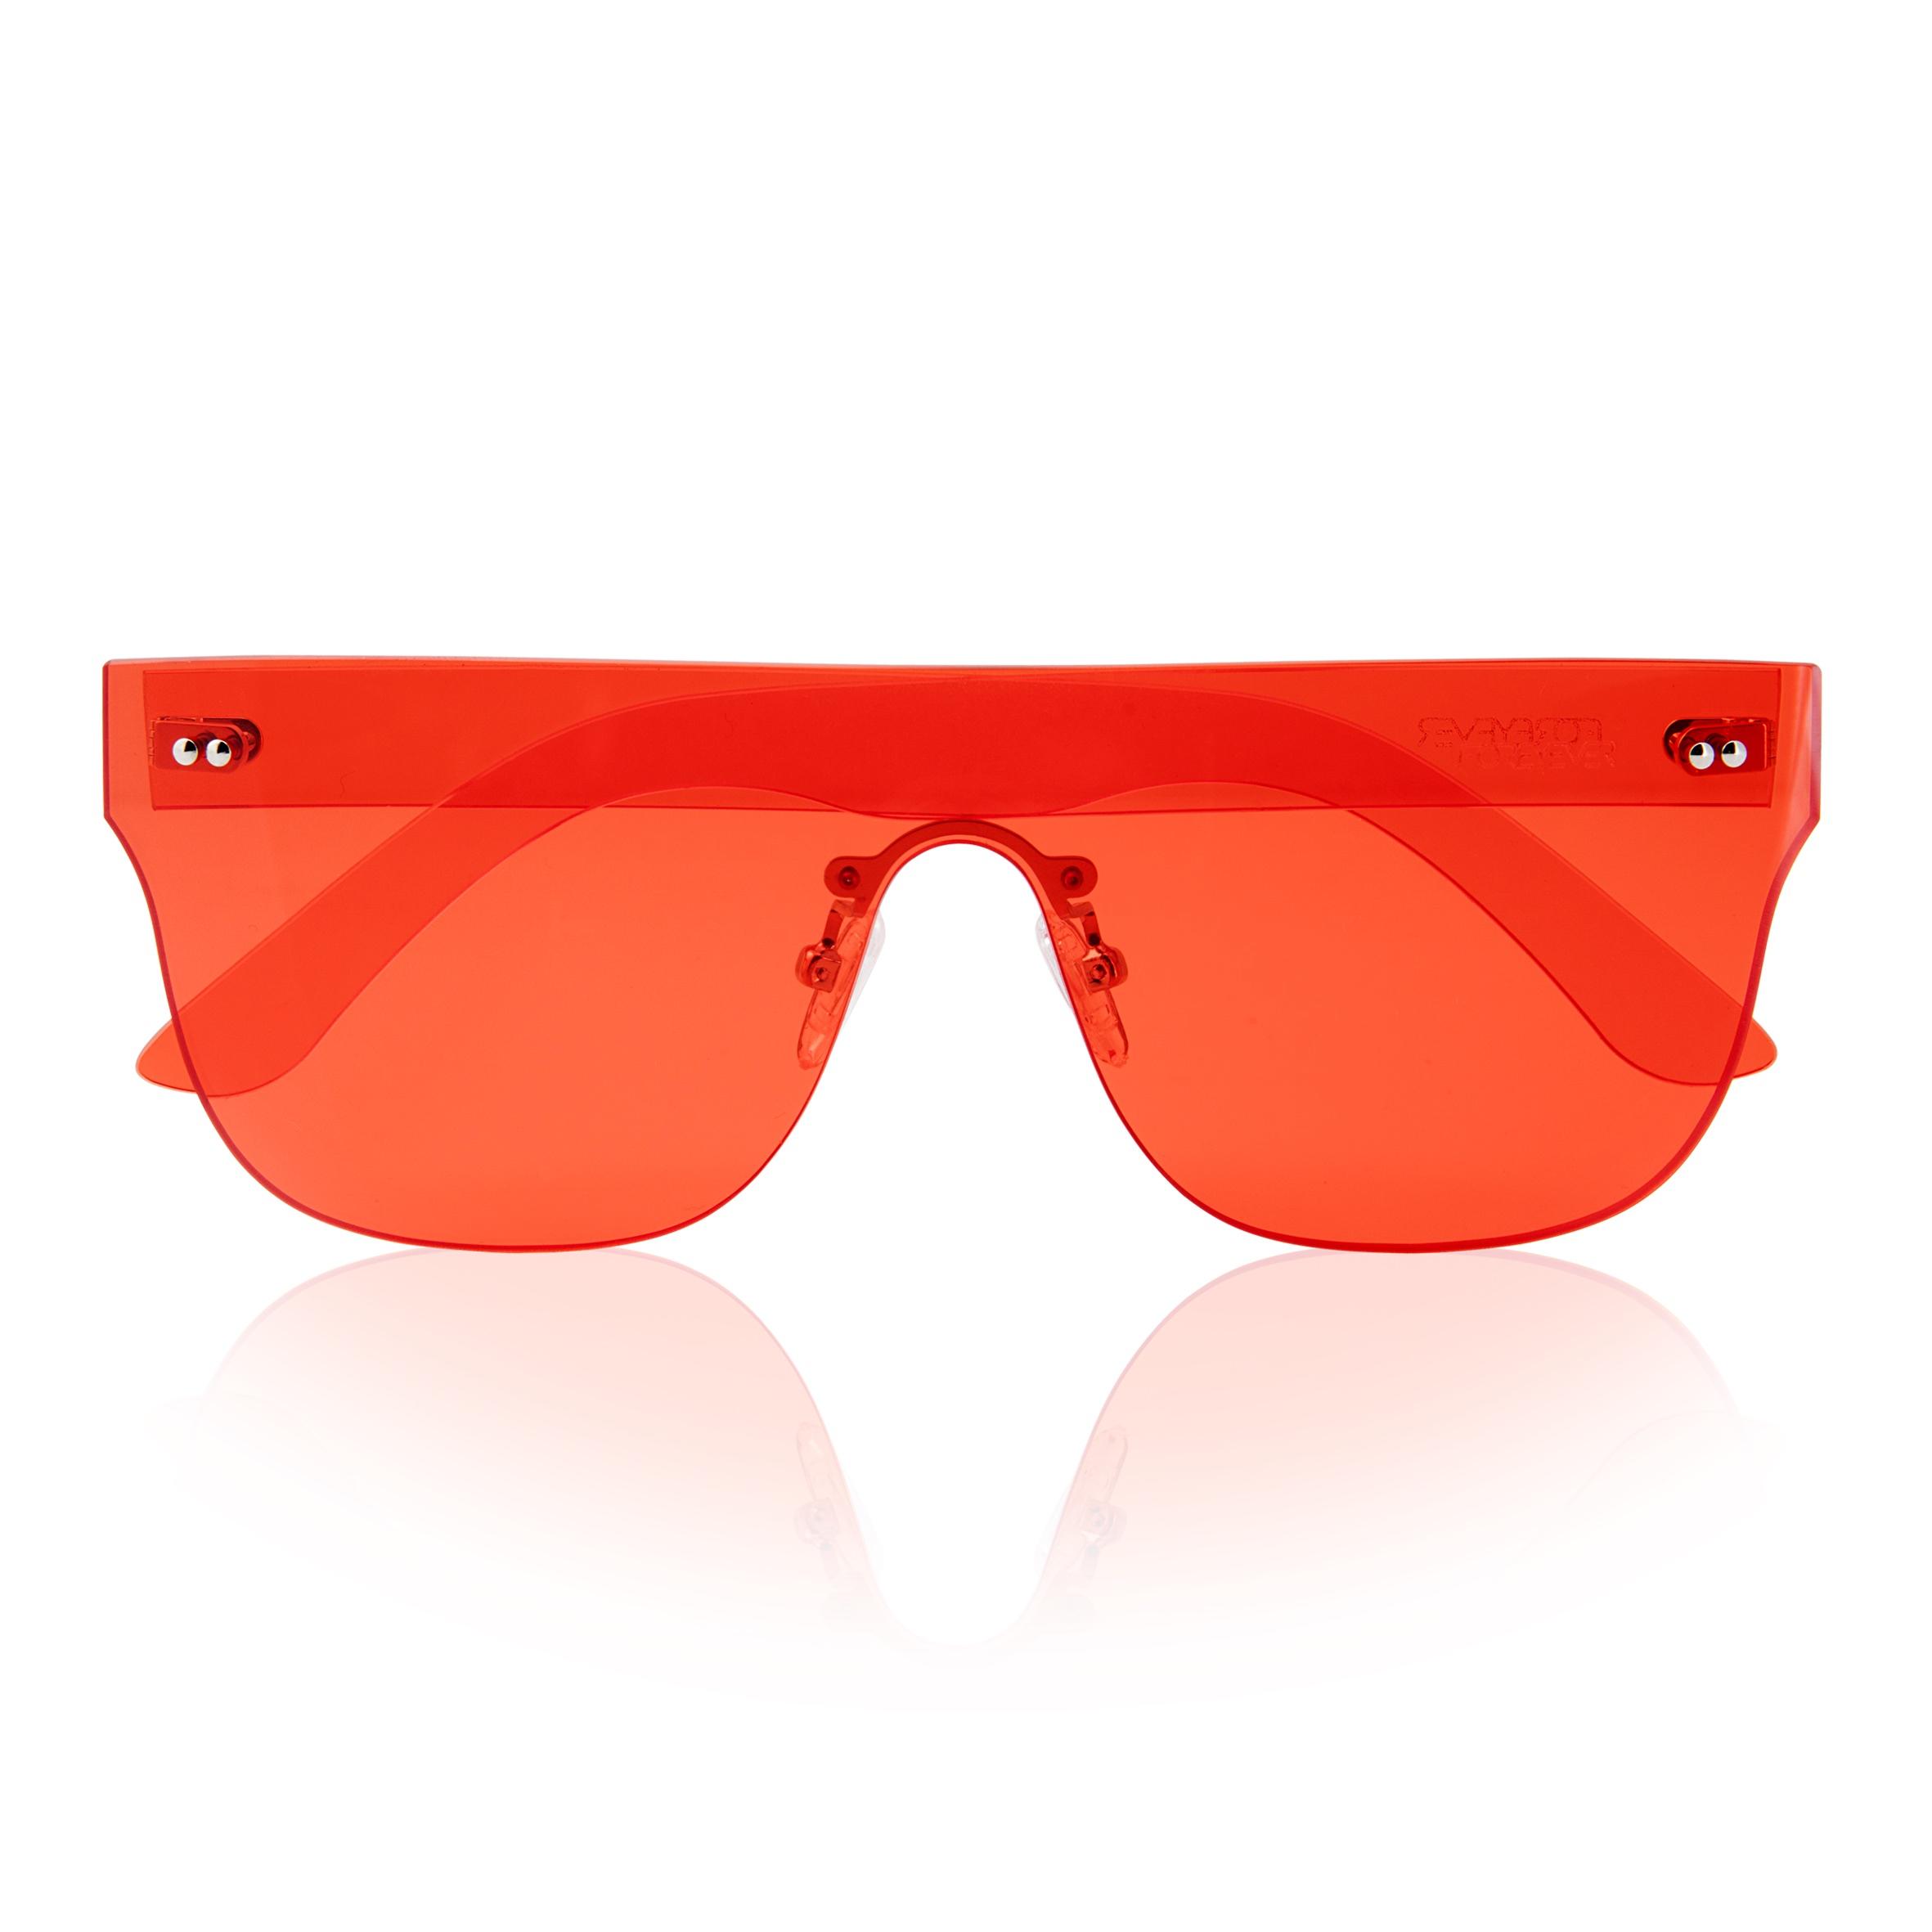 5cf5ca03d08a0 Celine Eyewear Marcolin